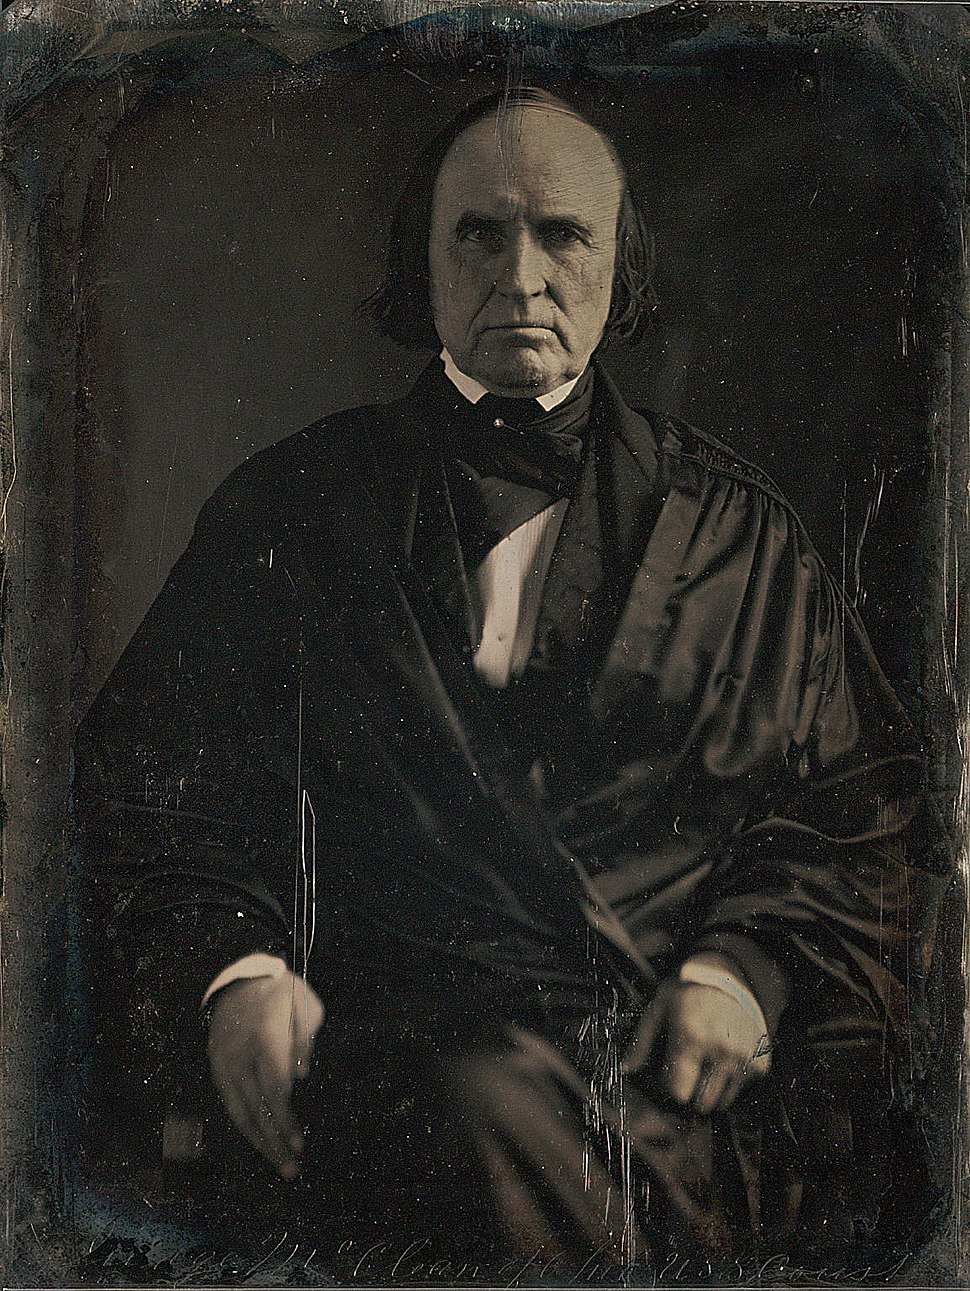 Justice John McLean daguerreotype by Mathew Brady 1849